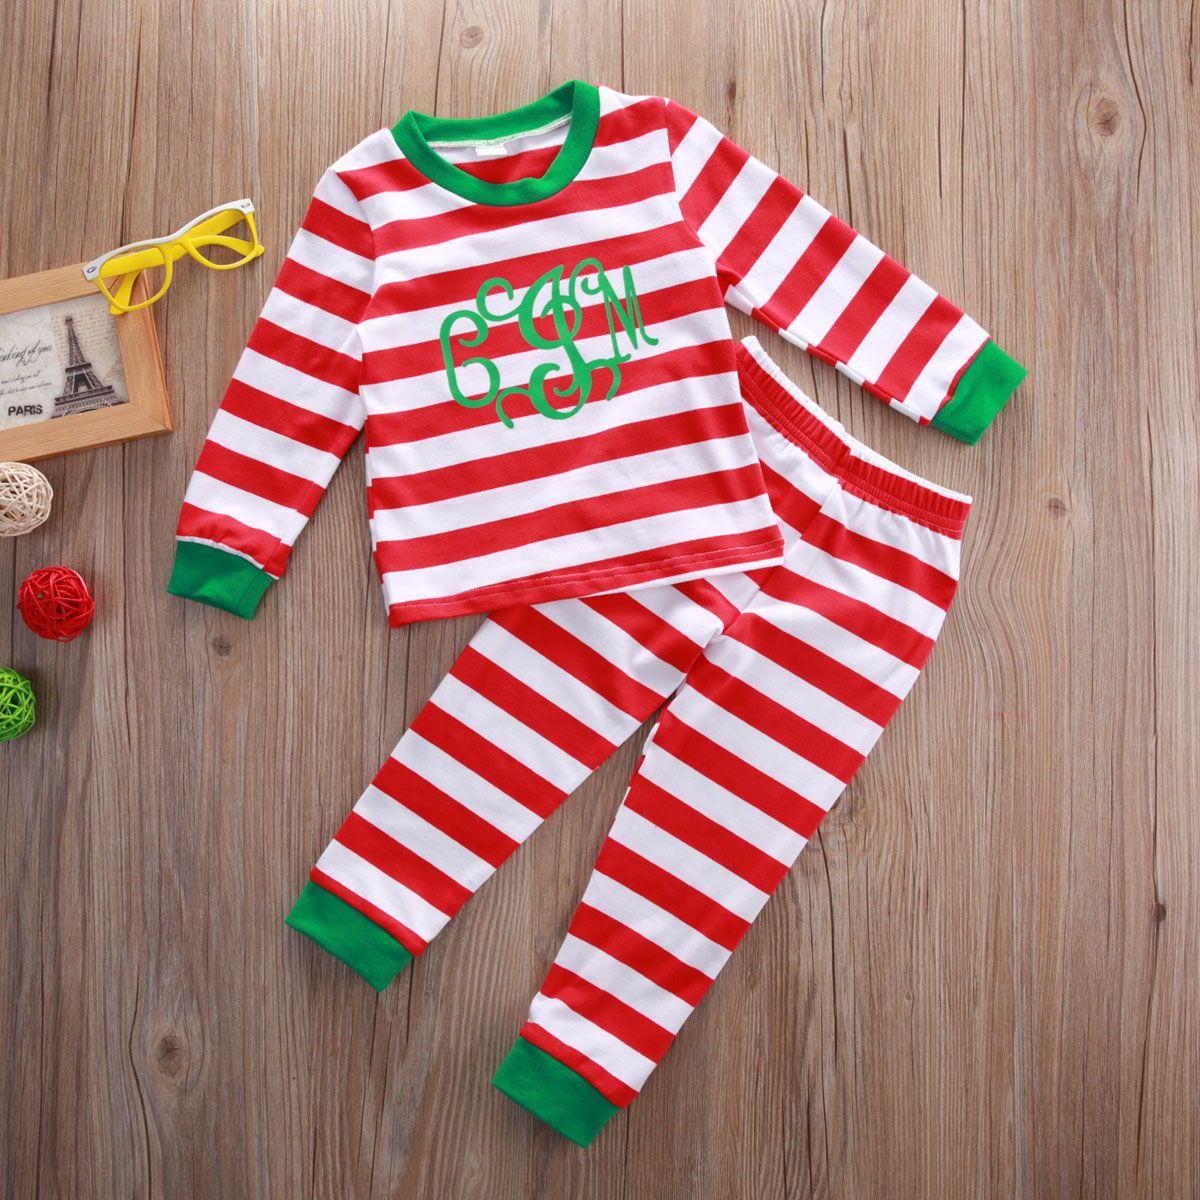 Bébé Fille Garçons Boutique Vêtements De Noël Ensemble Rouge Vêtements Costume Toddler À Rayures Automne Enfants De Noël Pyjamas Coton À Manches Longues Outfit